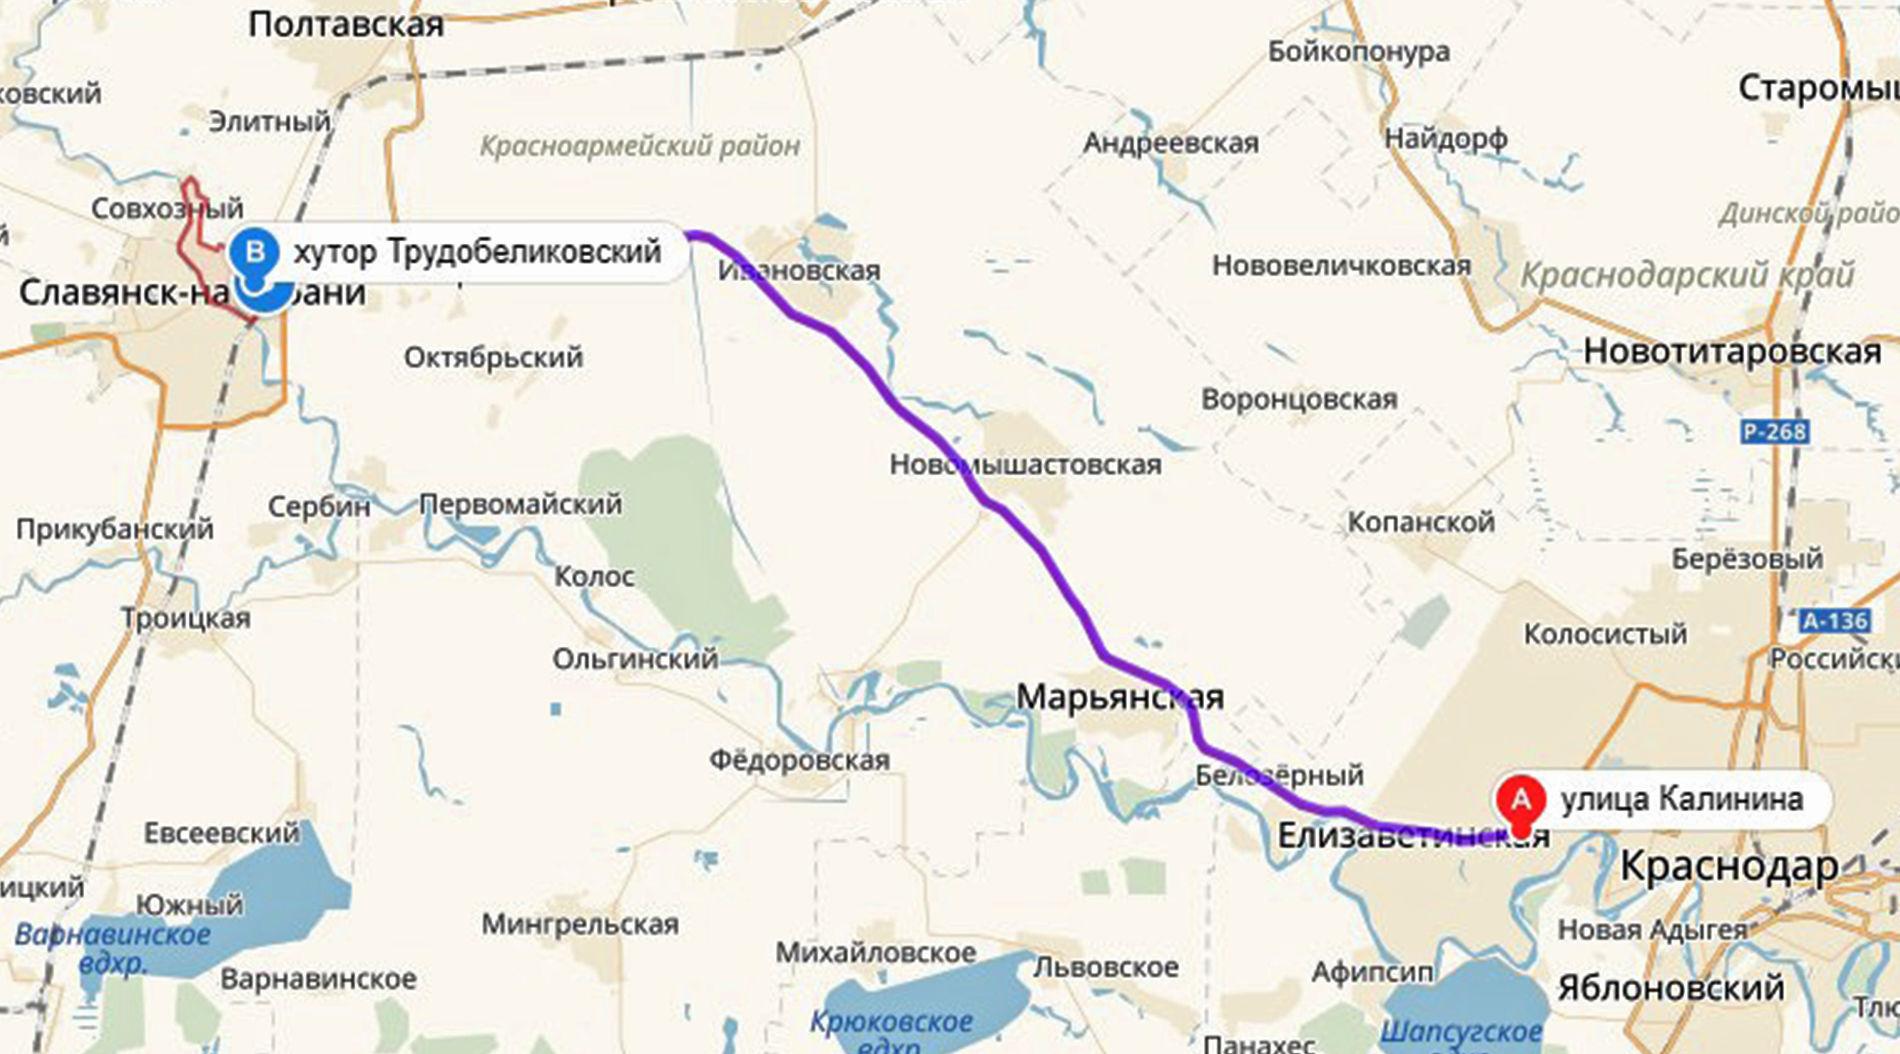 Маршрут Краснодар — Анапа ©Графика «Яндекс.Карты»